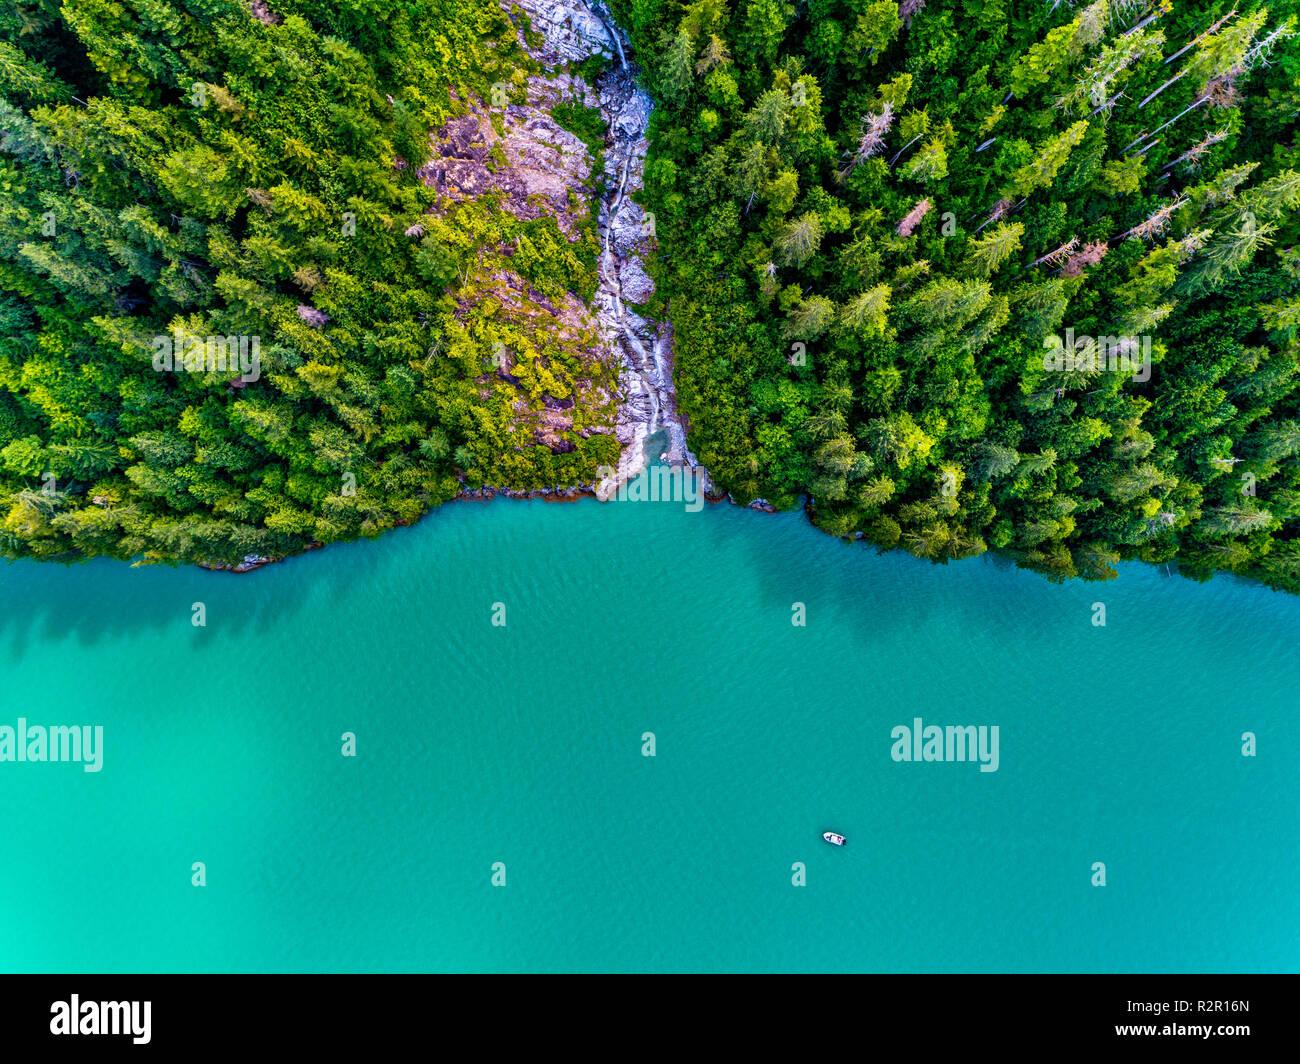 """Fotografia aerea di un nome non cascata e il 'luce ambiente """" tour in barca in ingresso del cavaliere, Prime Nazioni Territorio, British Columbia, Canada Immagini Stock"""